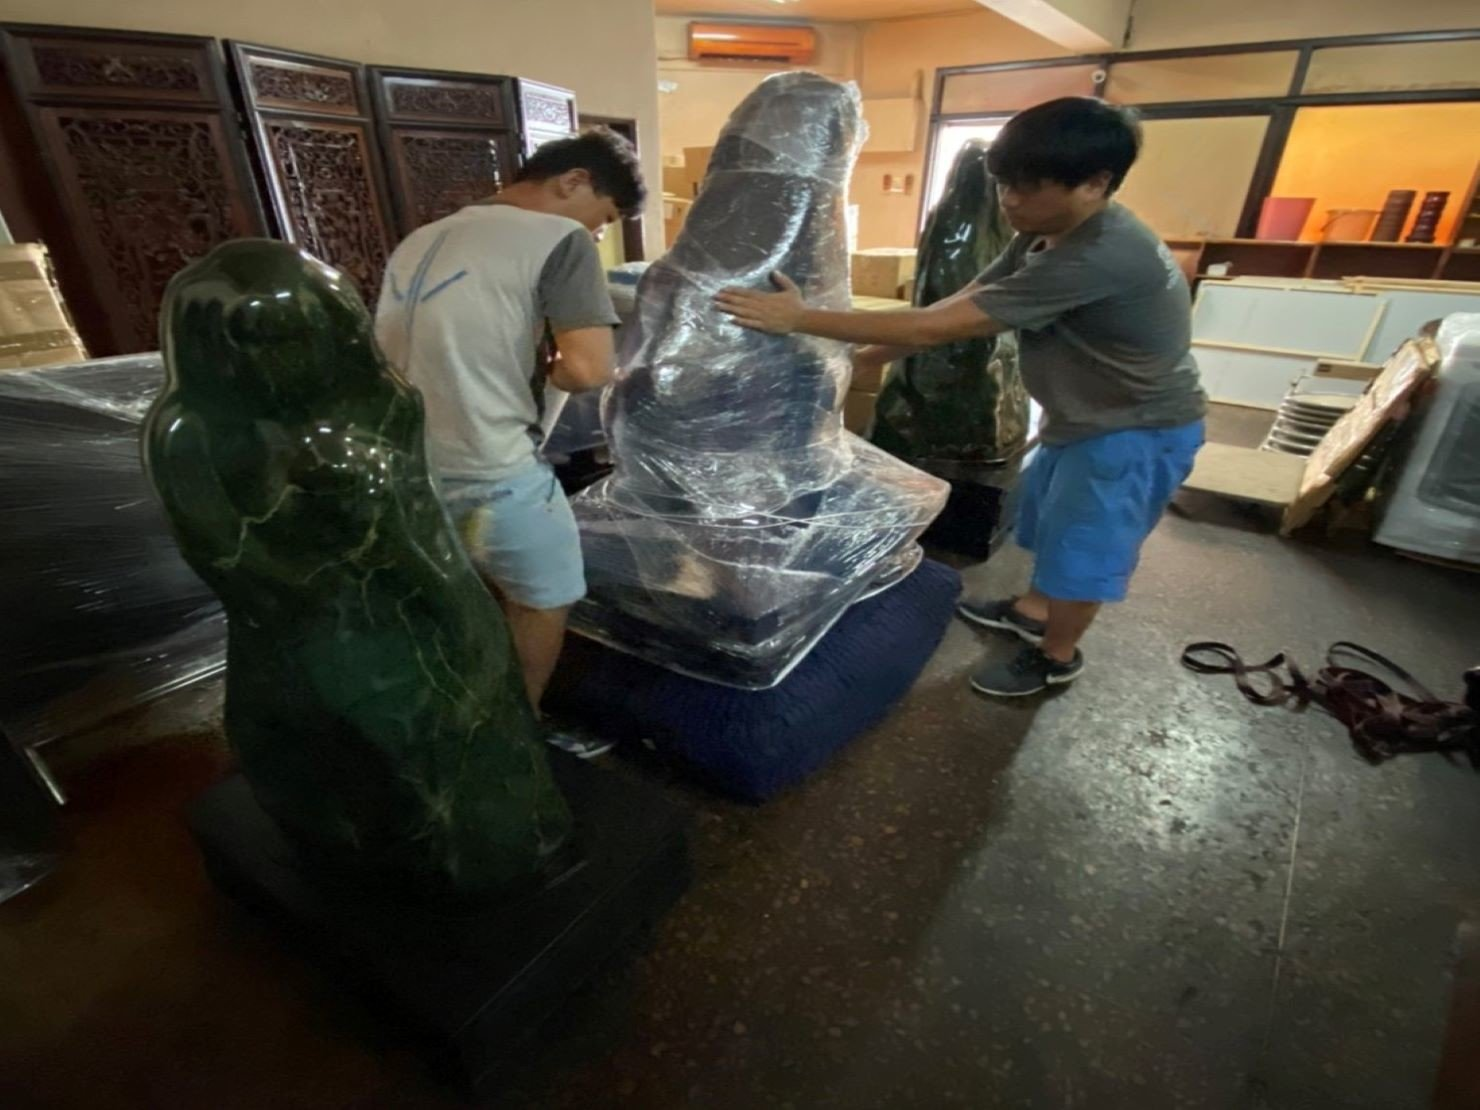 台北搬家推薦【榮福搬家】重物搬運、搬玉石,值得您來選擇:玉石-先套上一層日式布套,再以膠膜層層包裹,達到雙層防護